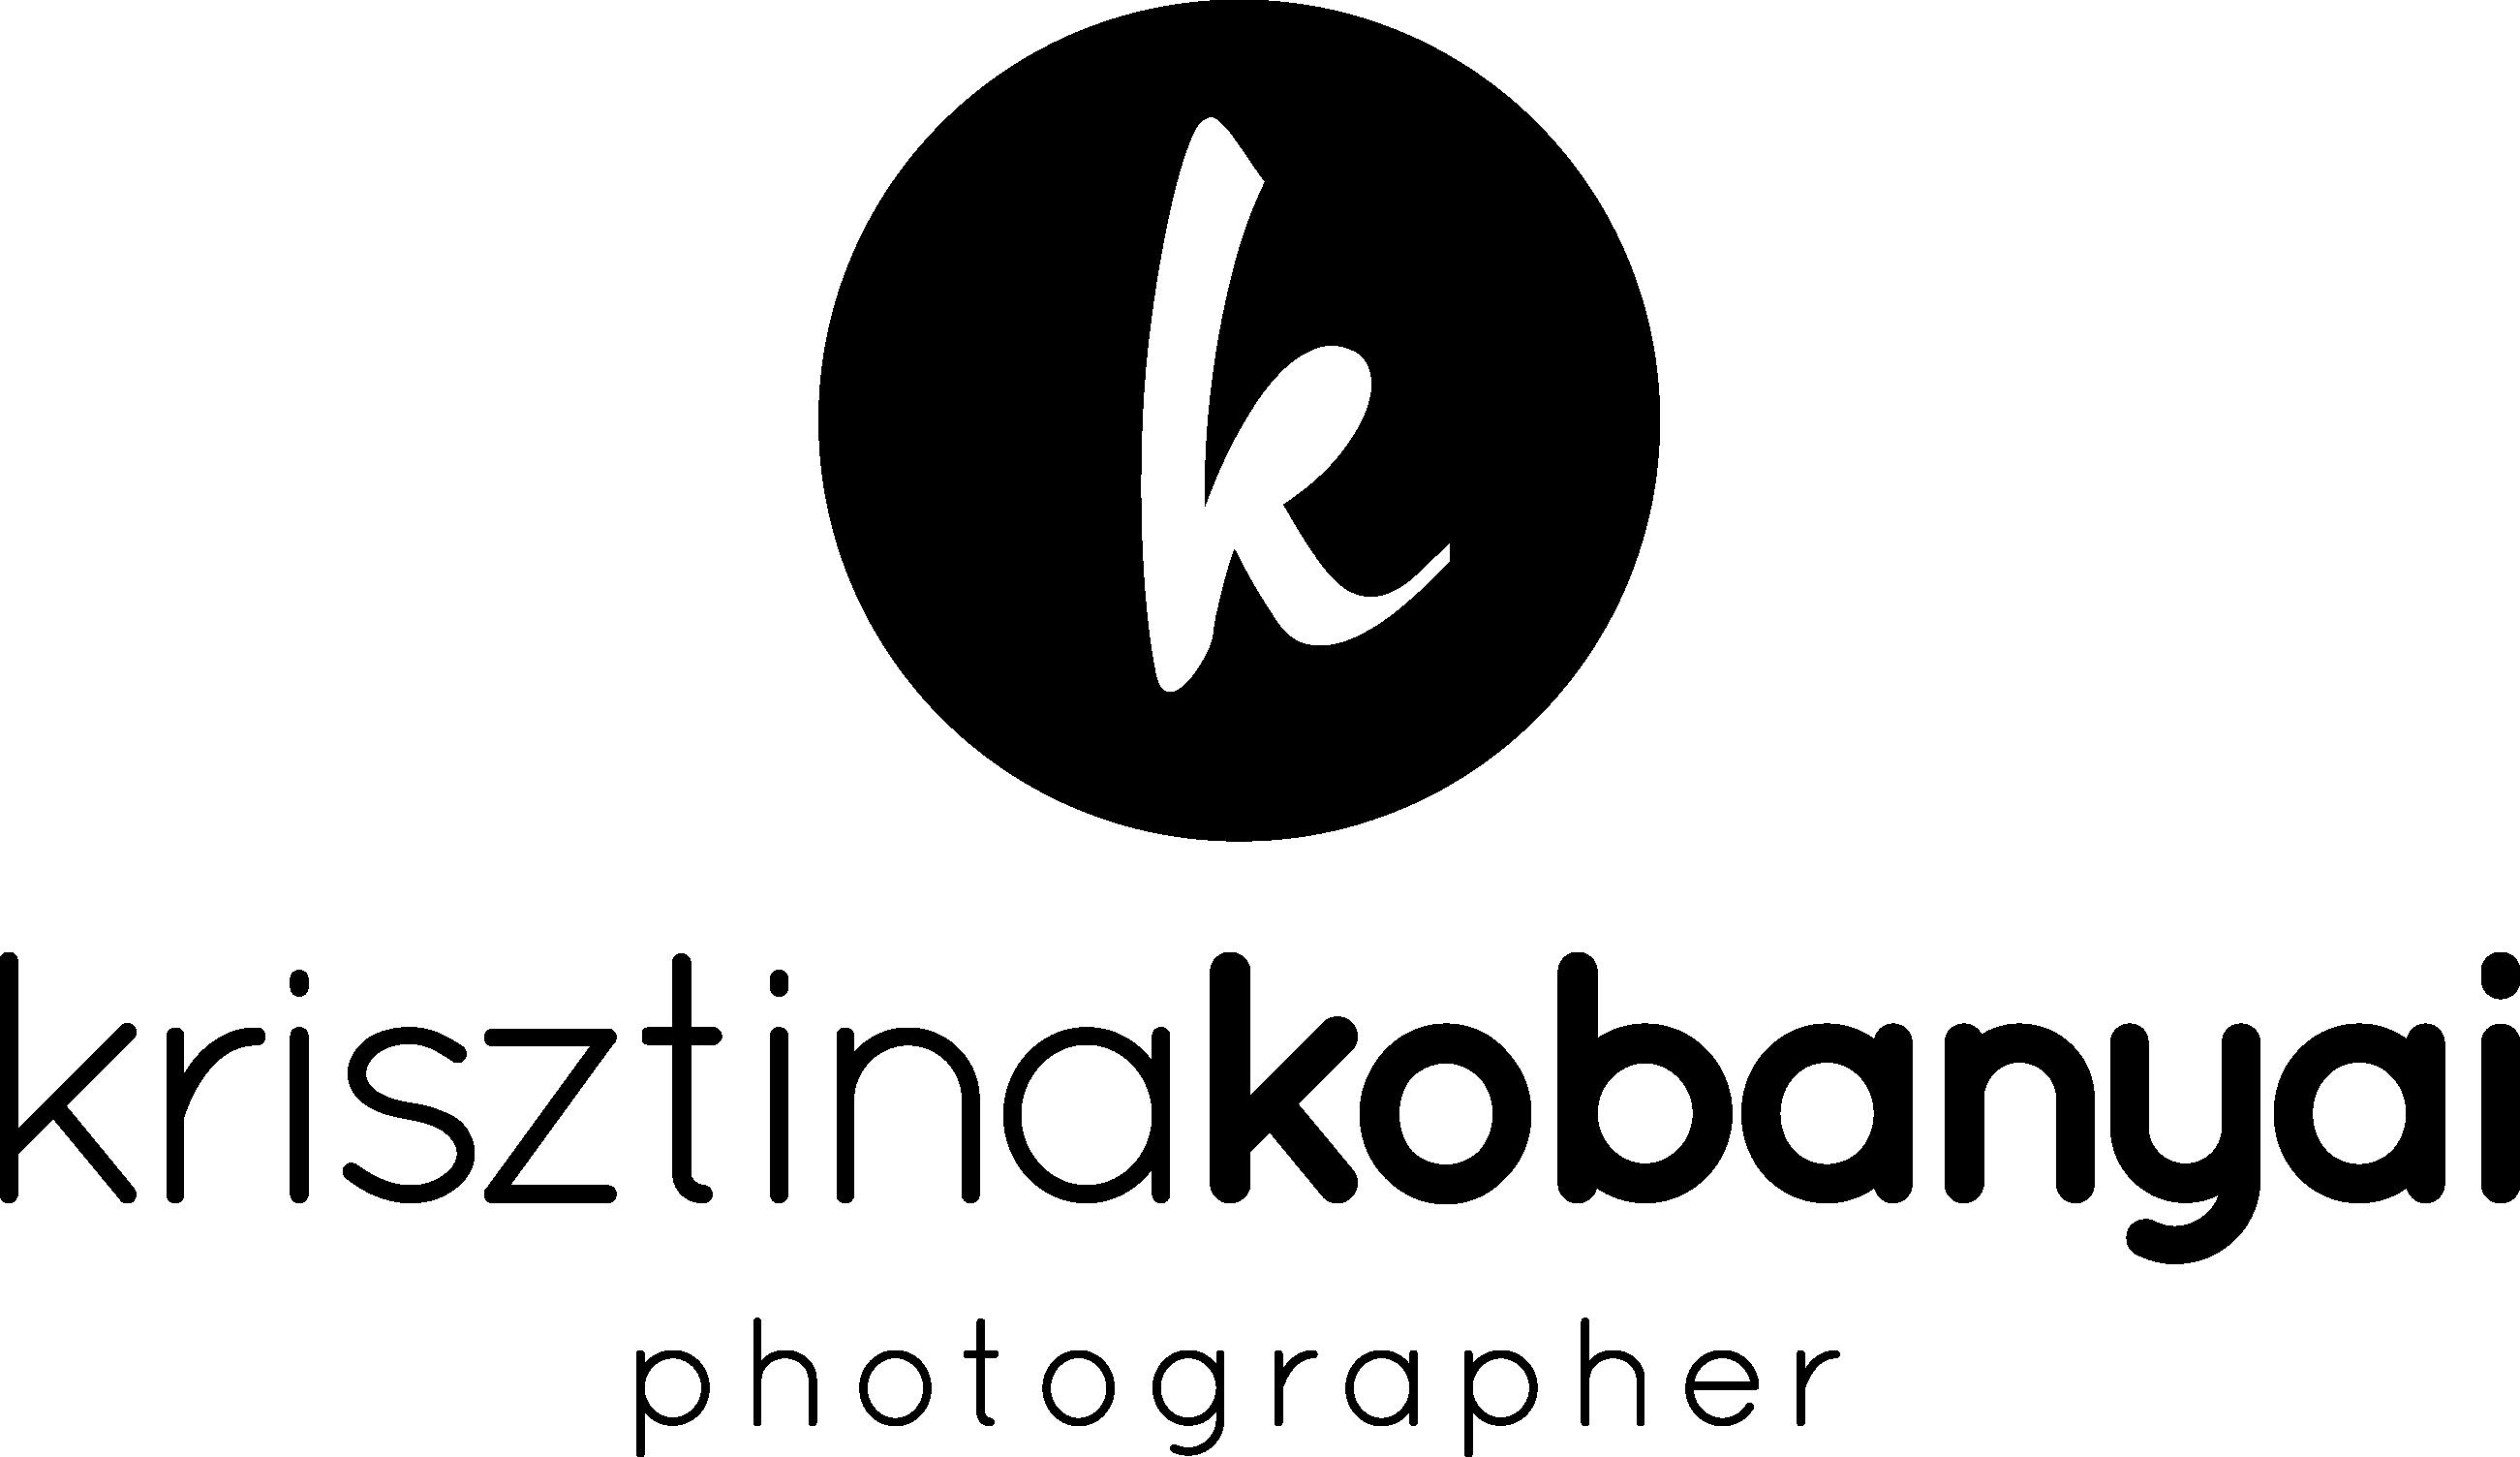 Krisztina Kobanyai